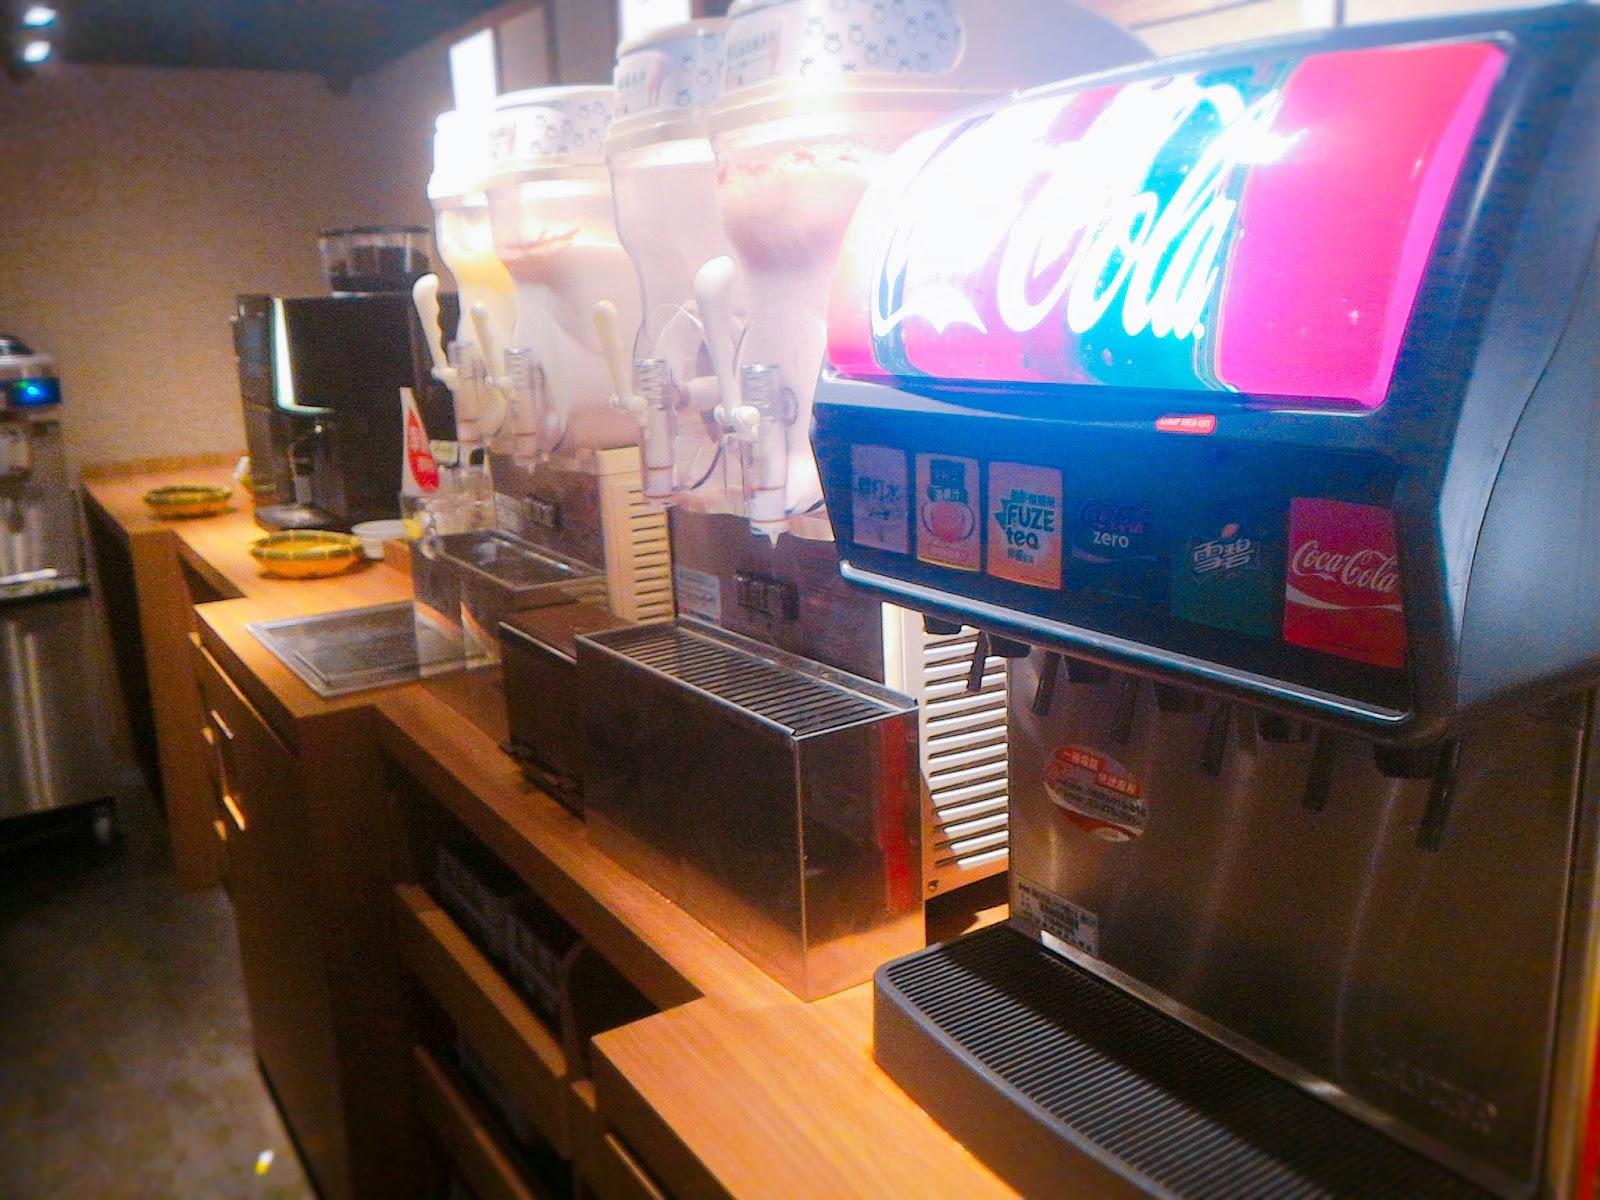 2016 10 16 19 33 59 - 【台南東區】涮乃葉吃到飽日式涮涮鍋 - 新鮮蔬菜與手工拉麵,還有超濃郁的霜淇淋!